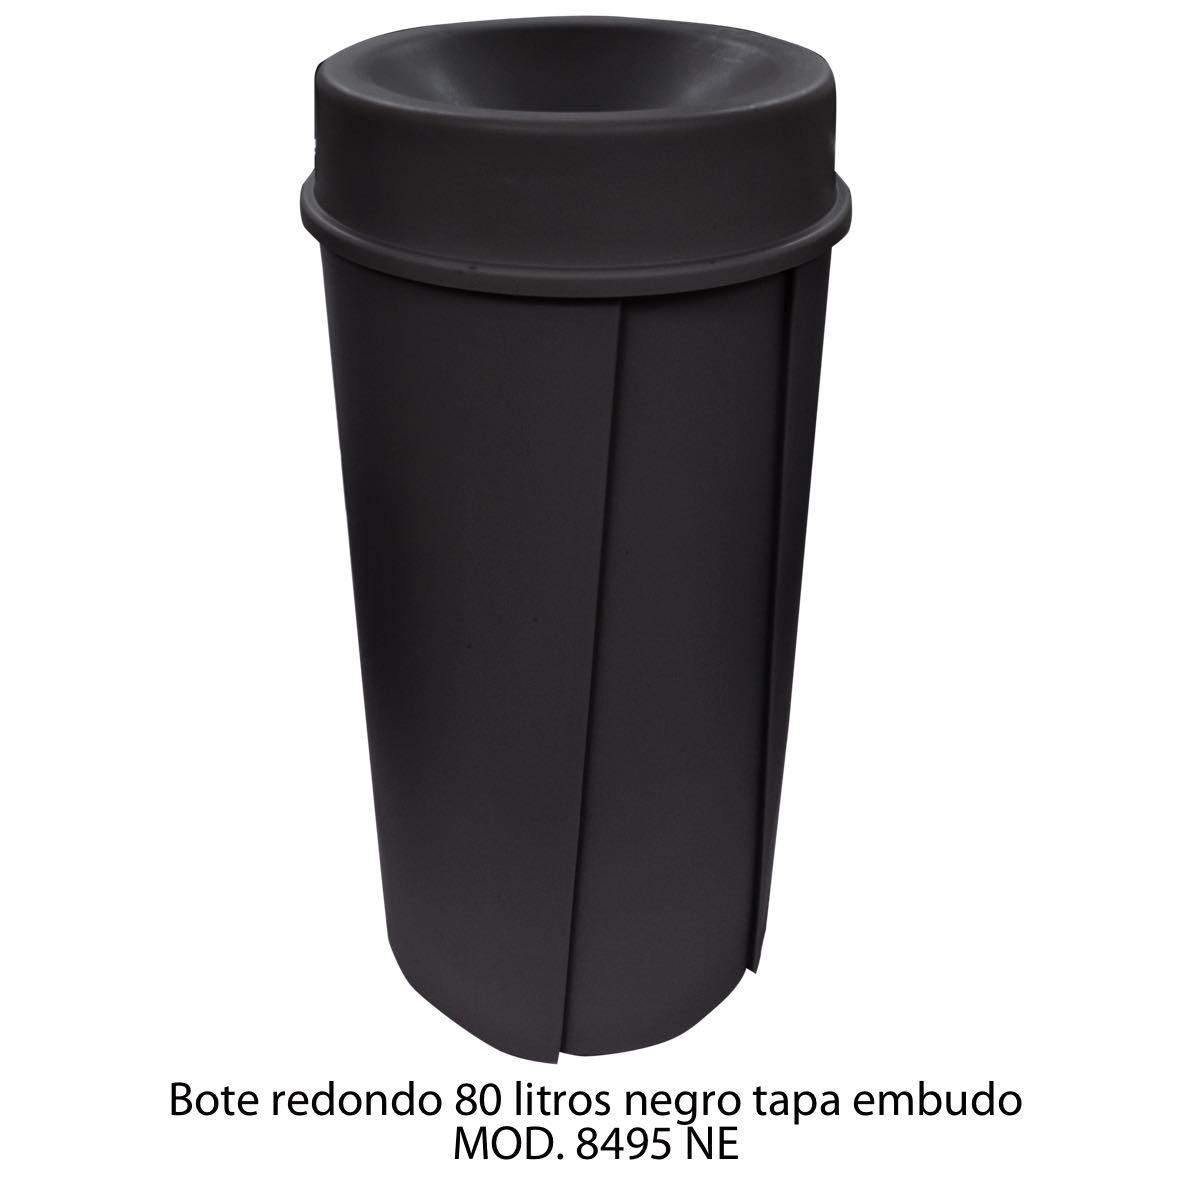 Bote de basura redondo de 80 litros con tapa embudo color negro modelo 8495 NE Sablón